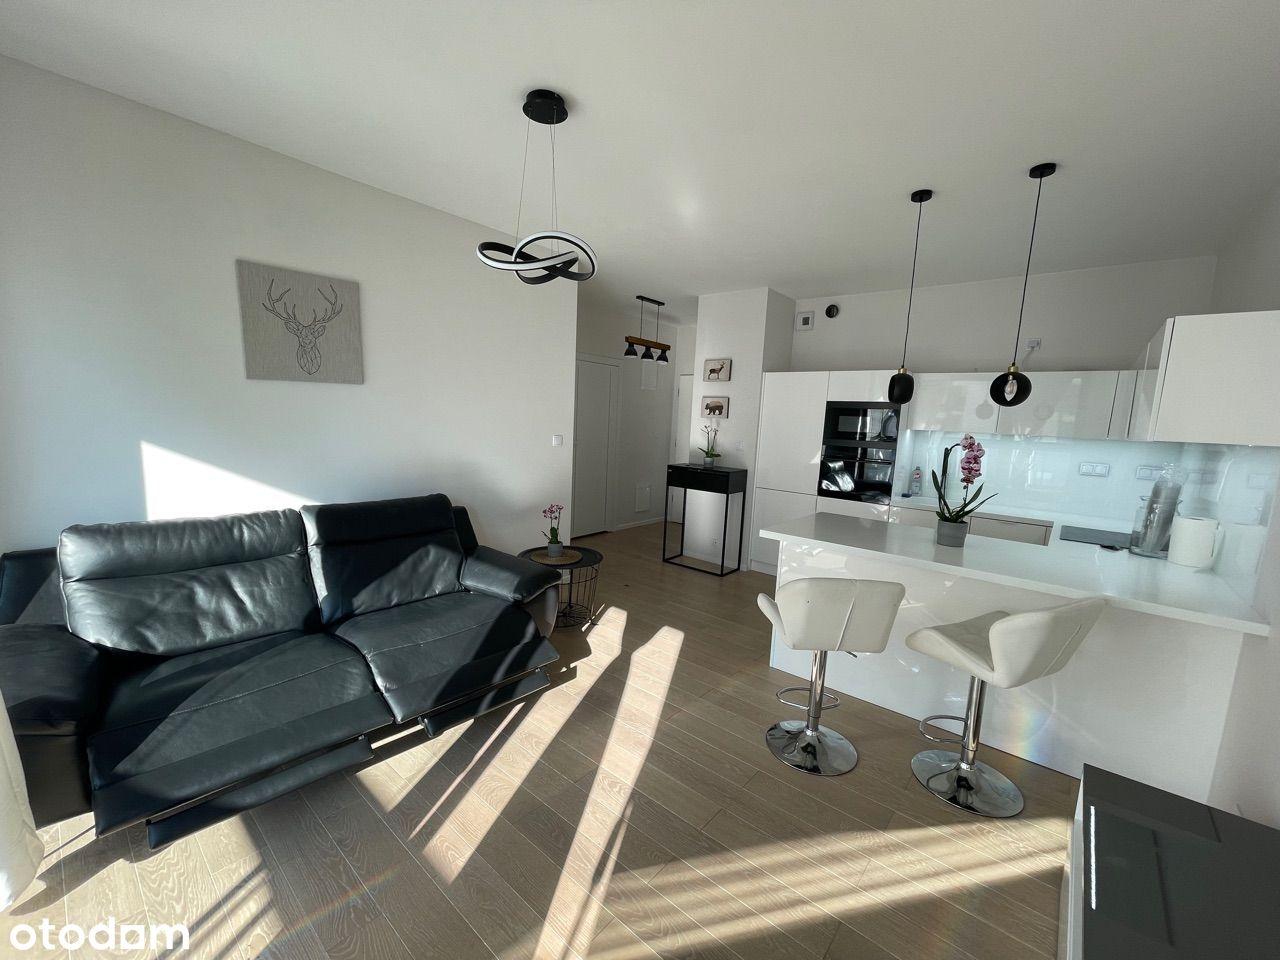 Mieszkanie w super lokalizacji warszawa dzielna 64